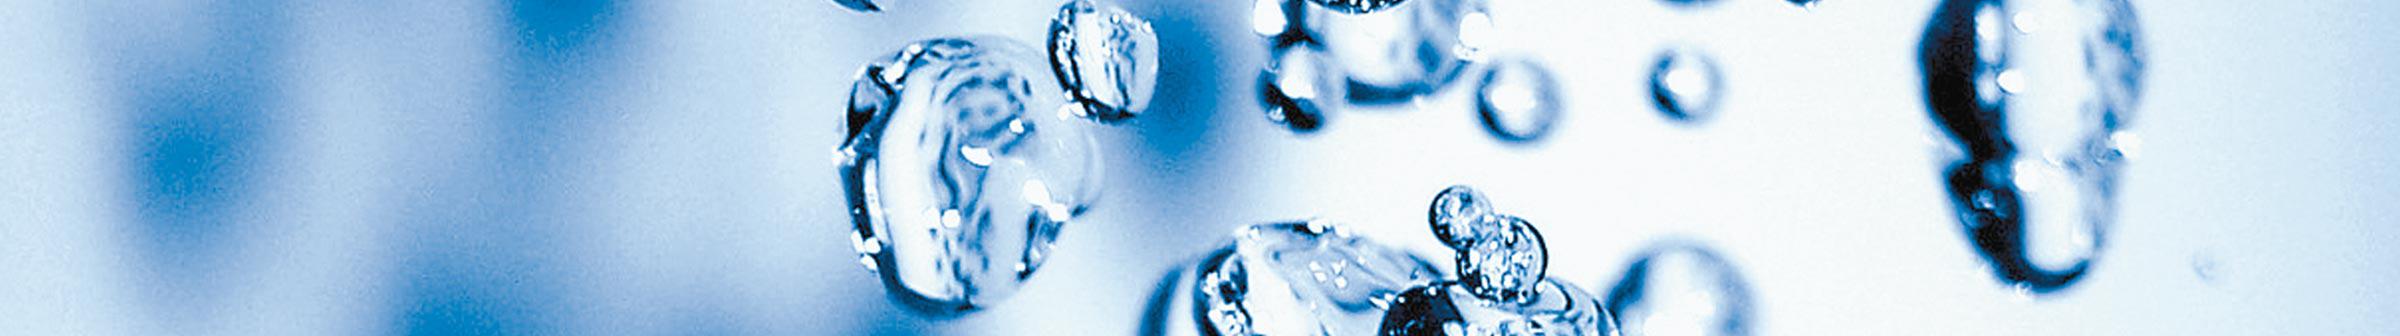 Wasseraufbereitung – Produkte – Slider 1